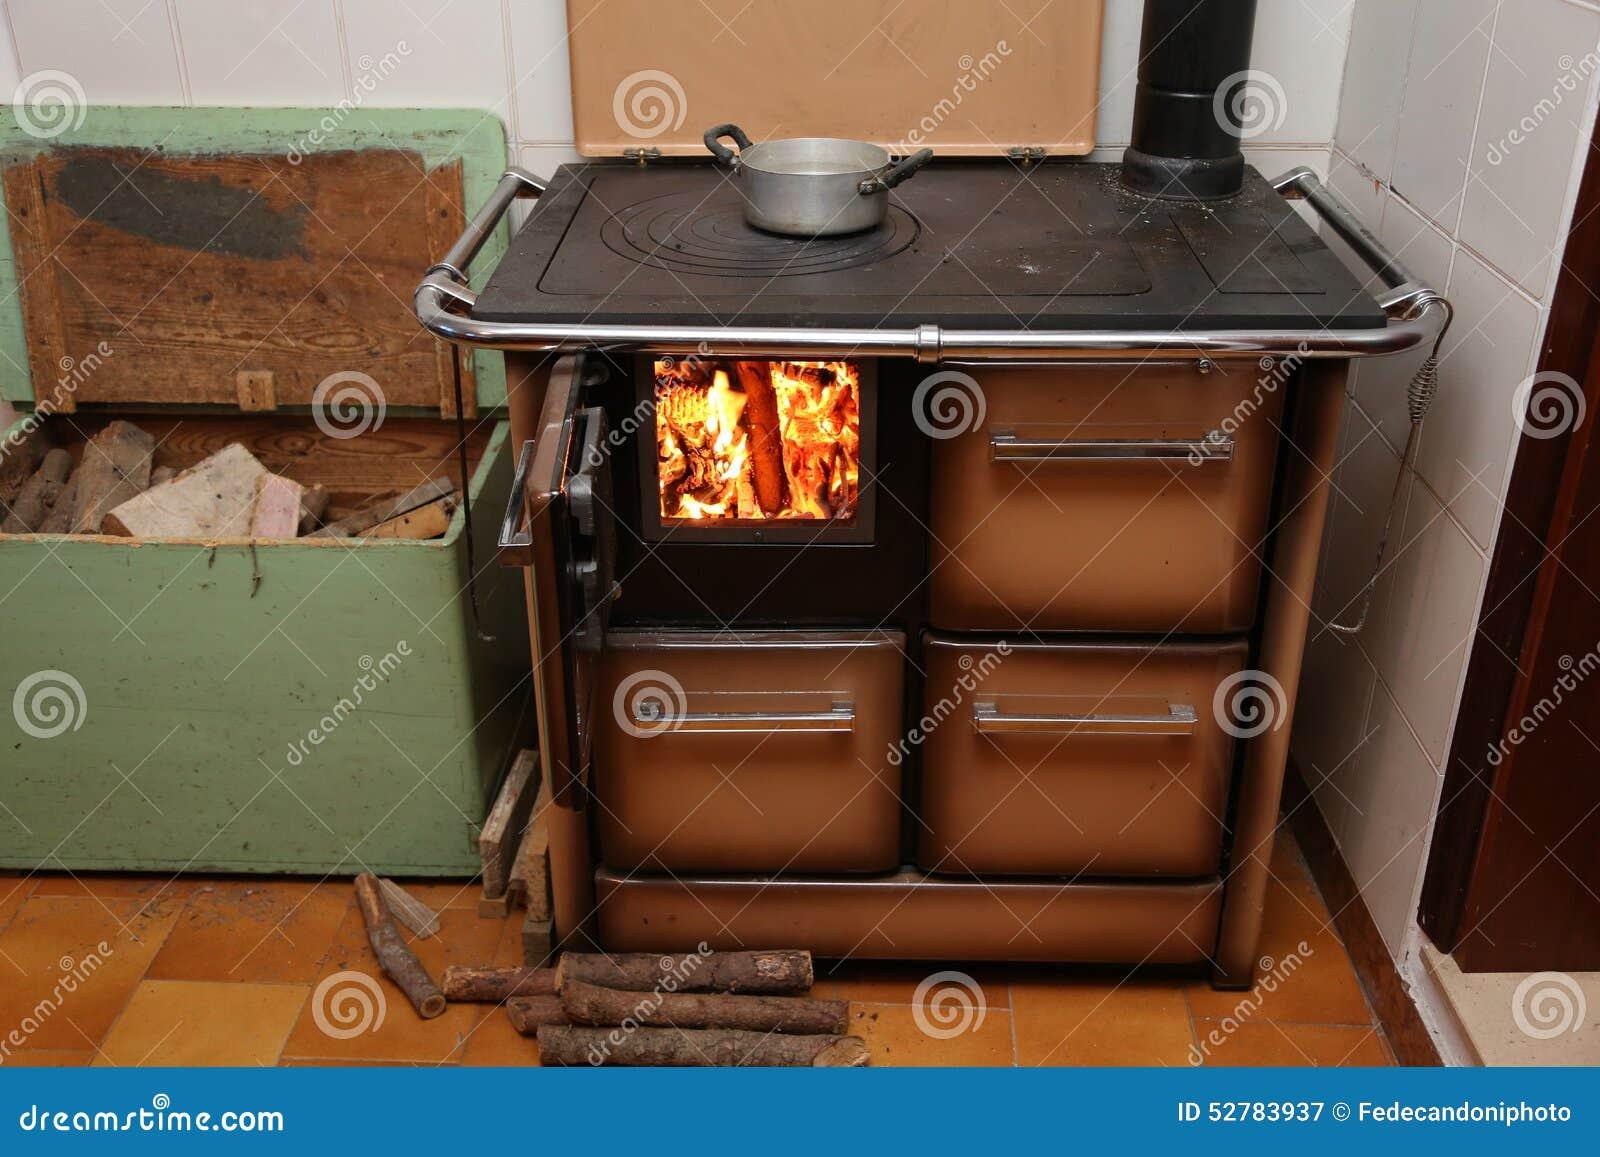 Stufa che antica una stufa a legna con fuoco si accesa for Stufe a gas argo